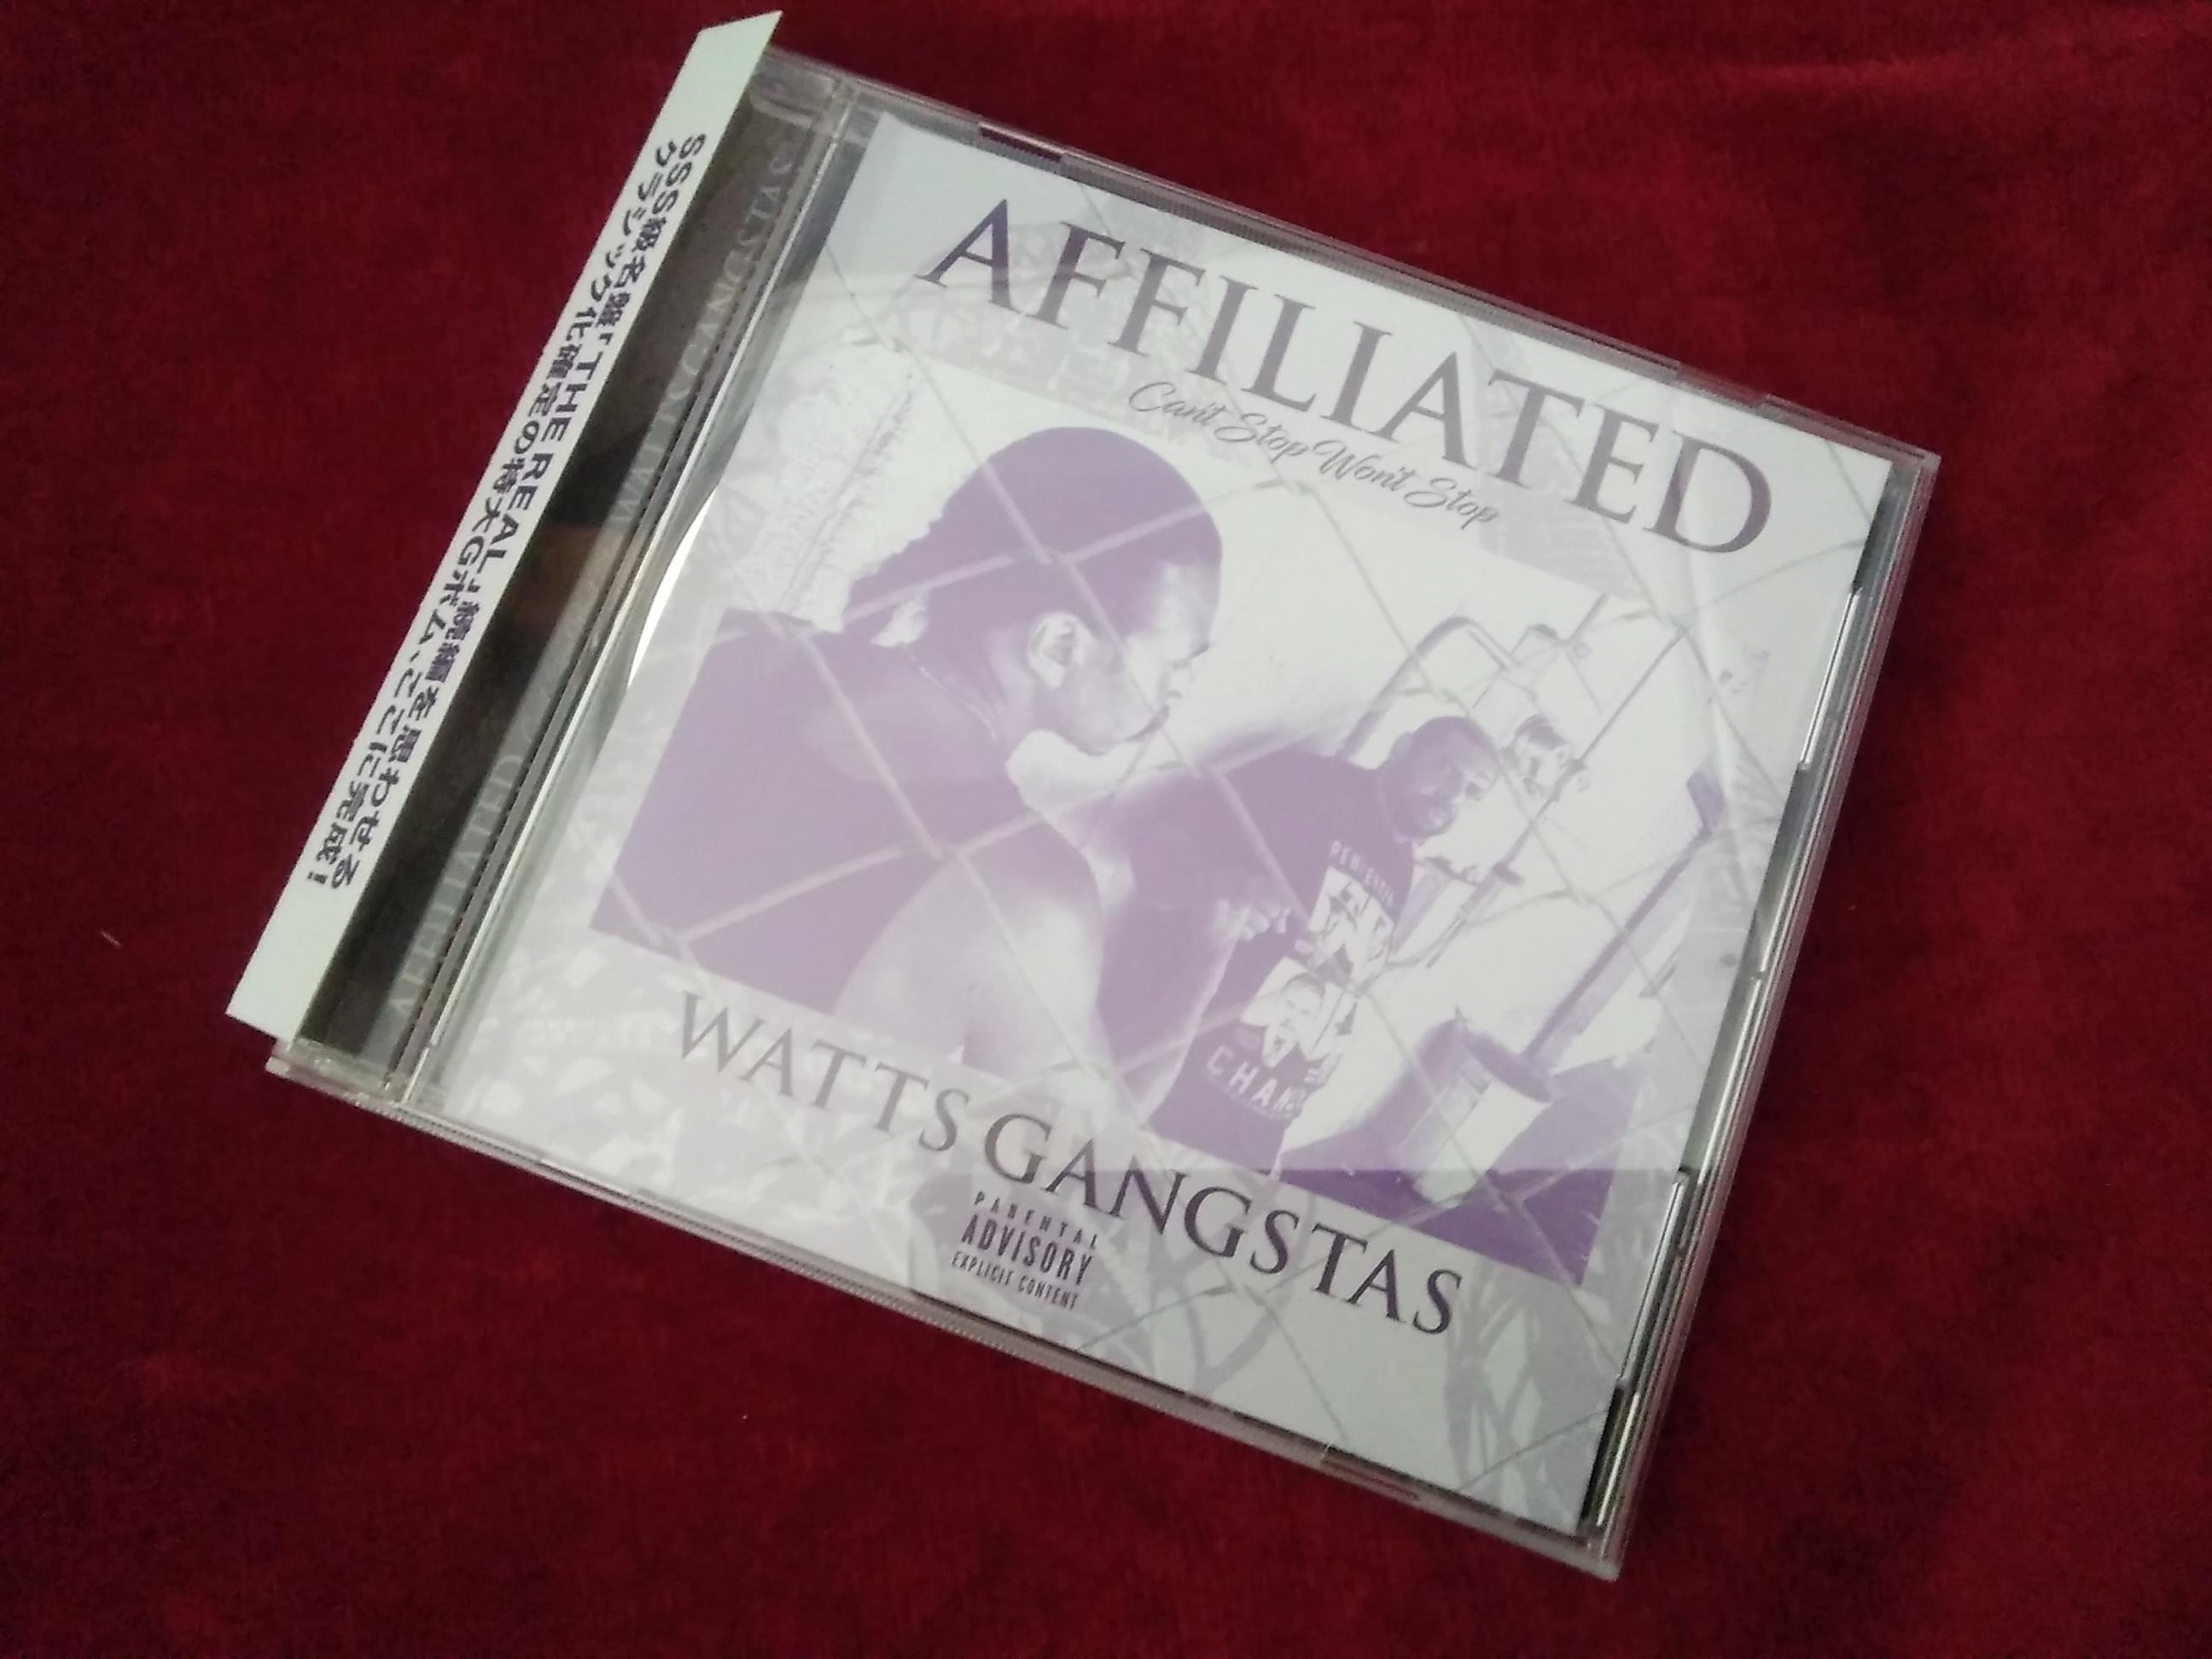 WATTS GANGSTAS/AFFILIATED|洋楽「W」